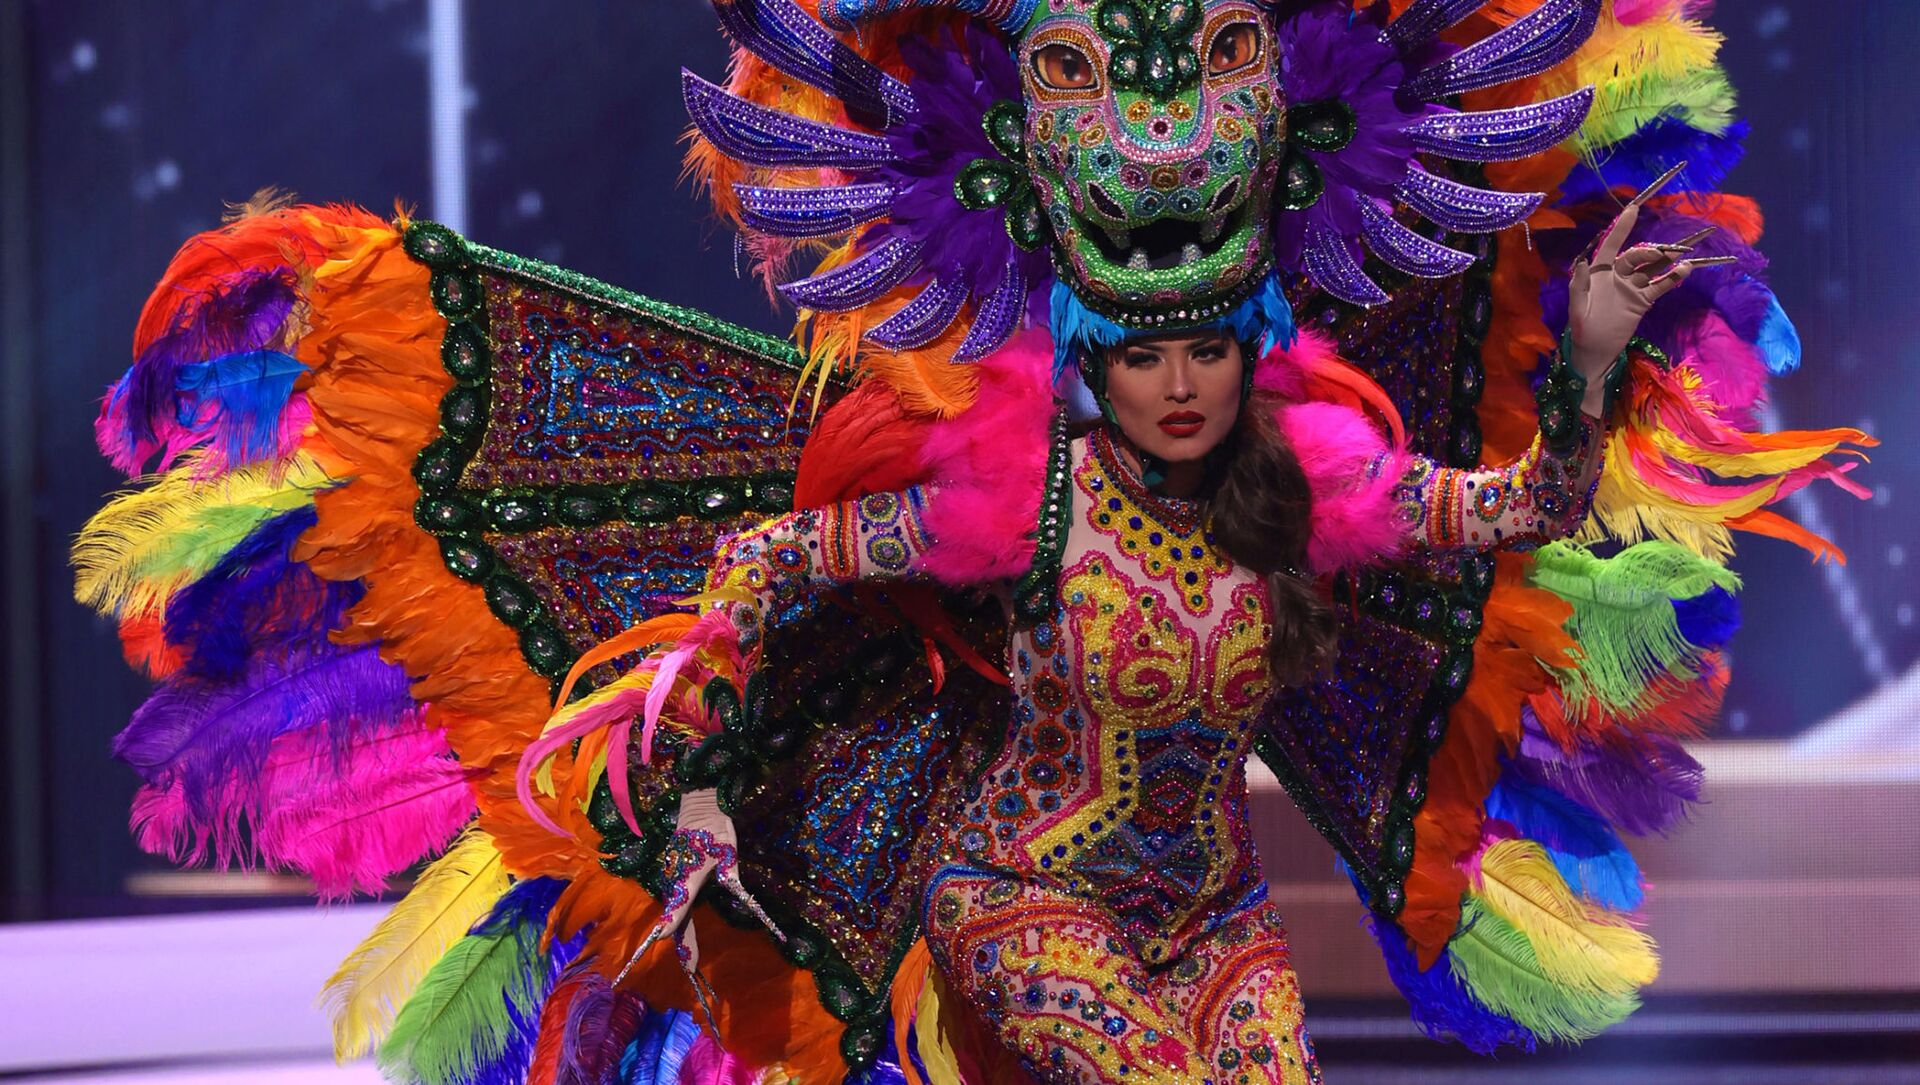 Hoa hậu Mexico Andrea Meza trong phần trình diễn trang phục dân tộc tại cuộc thi Hoa hậu Hoàn vũ lần thứ 69 - Sputnik Việt Nam, 1920, 17.05.2021